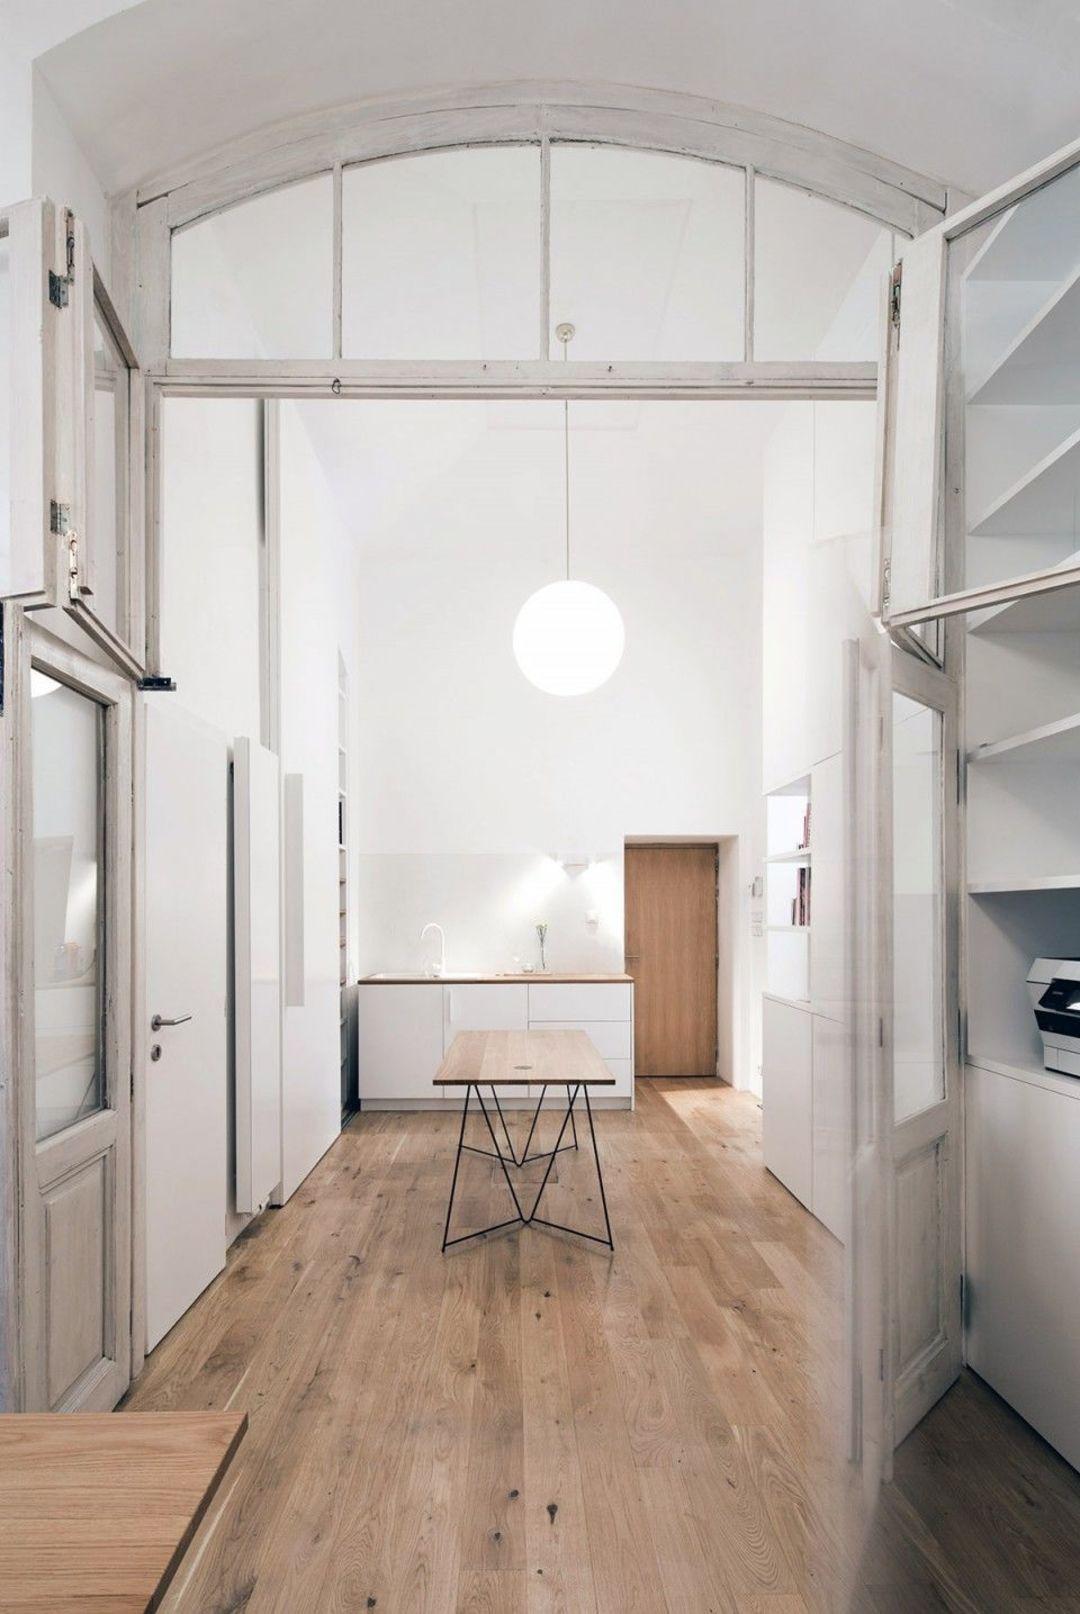 去布拉格,可以去看看这个集设计、销售和工作室于一体的店_设计_好奇心日报